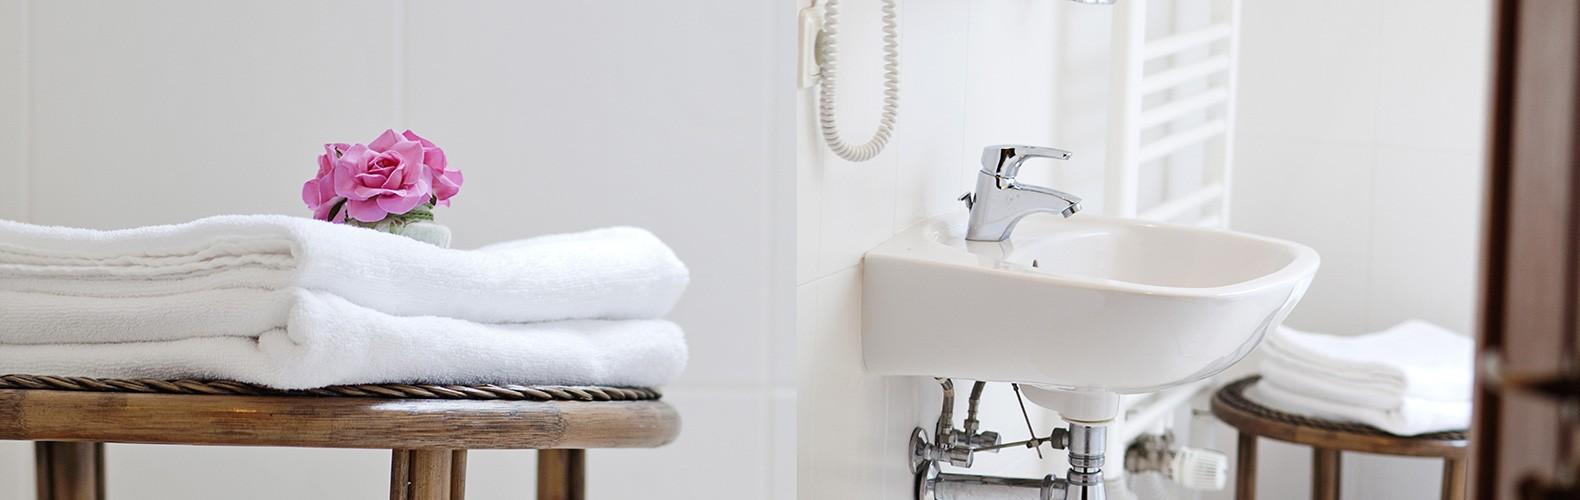 Standartinių dviviečių kambarių vonia | Kernavės bajorynė